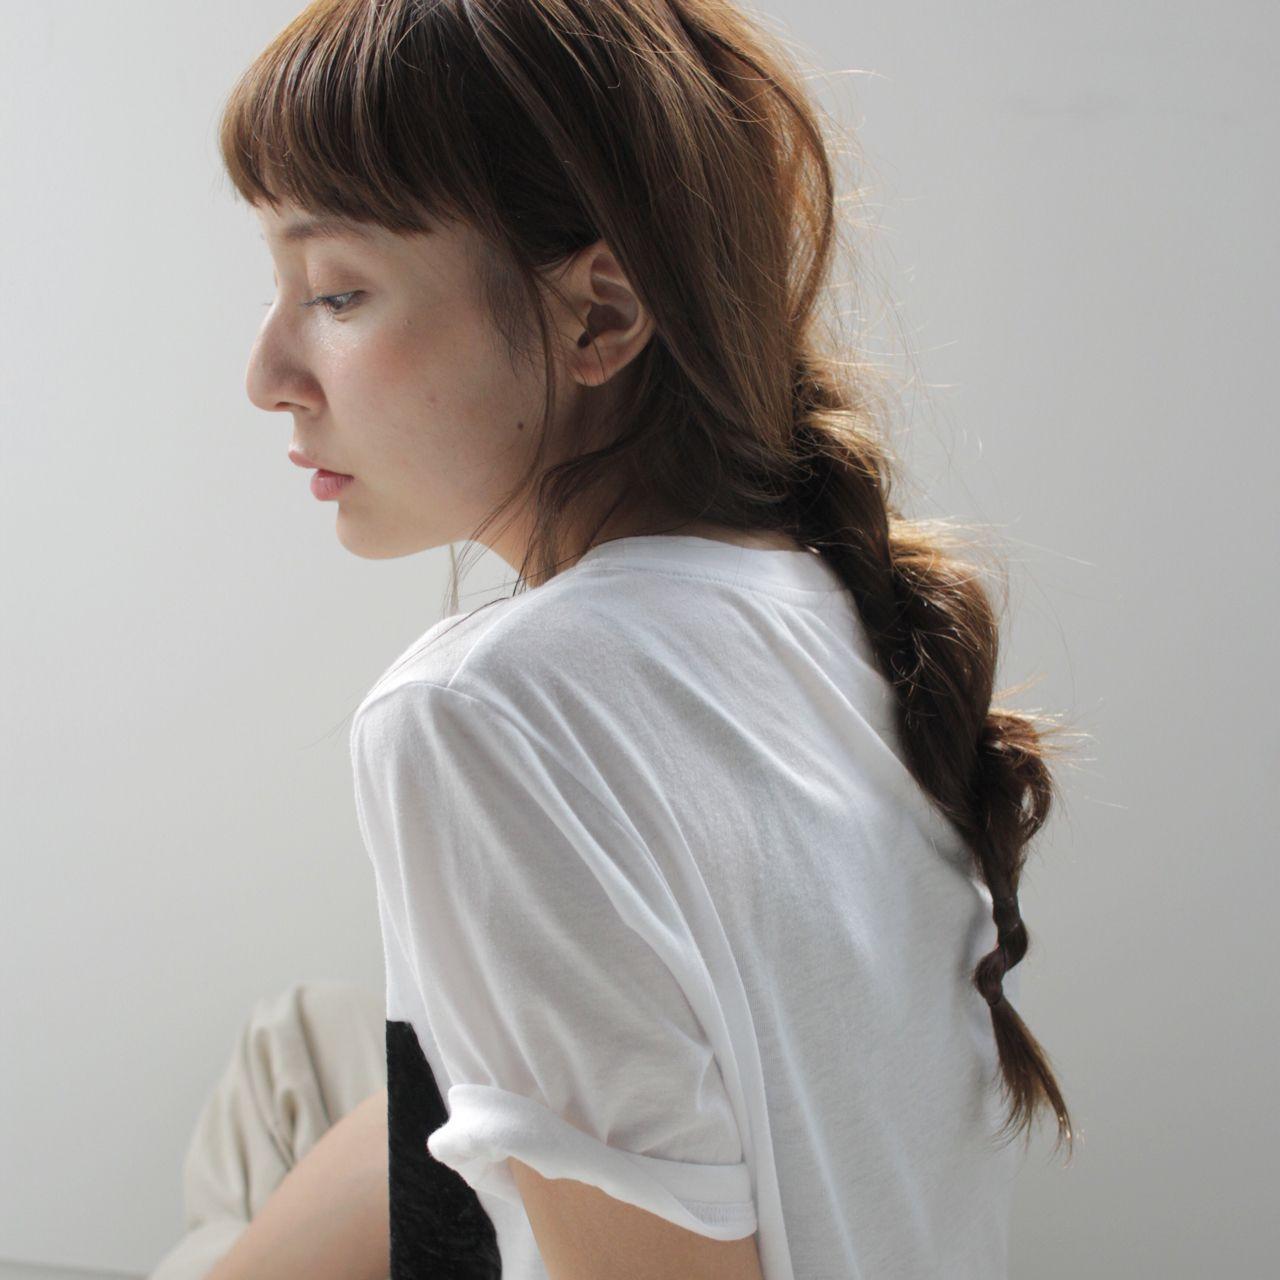 ストリート ヘアアレンジ ロング 編み込み ヘアスタイルや髪型の写真・画像